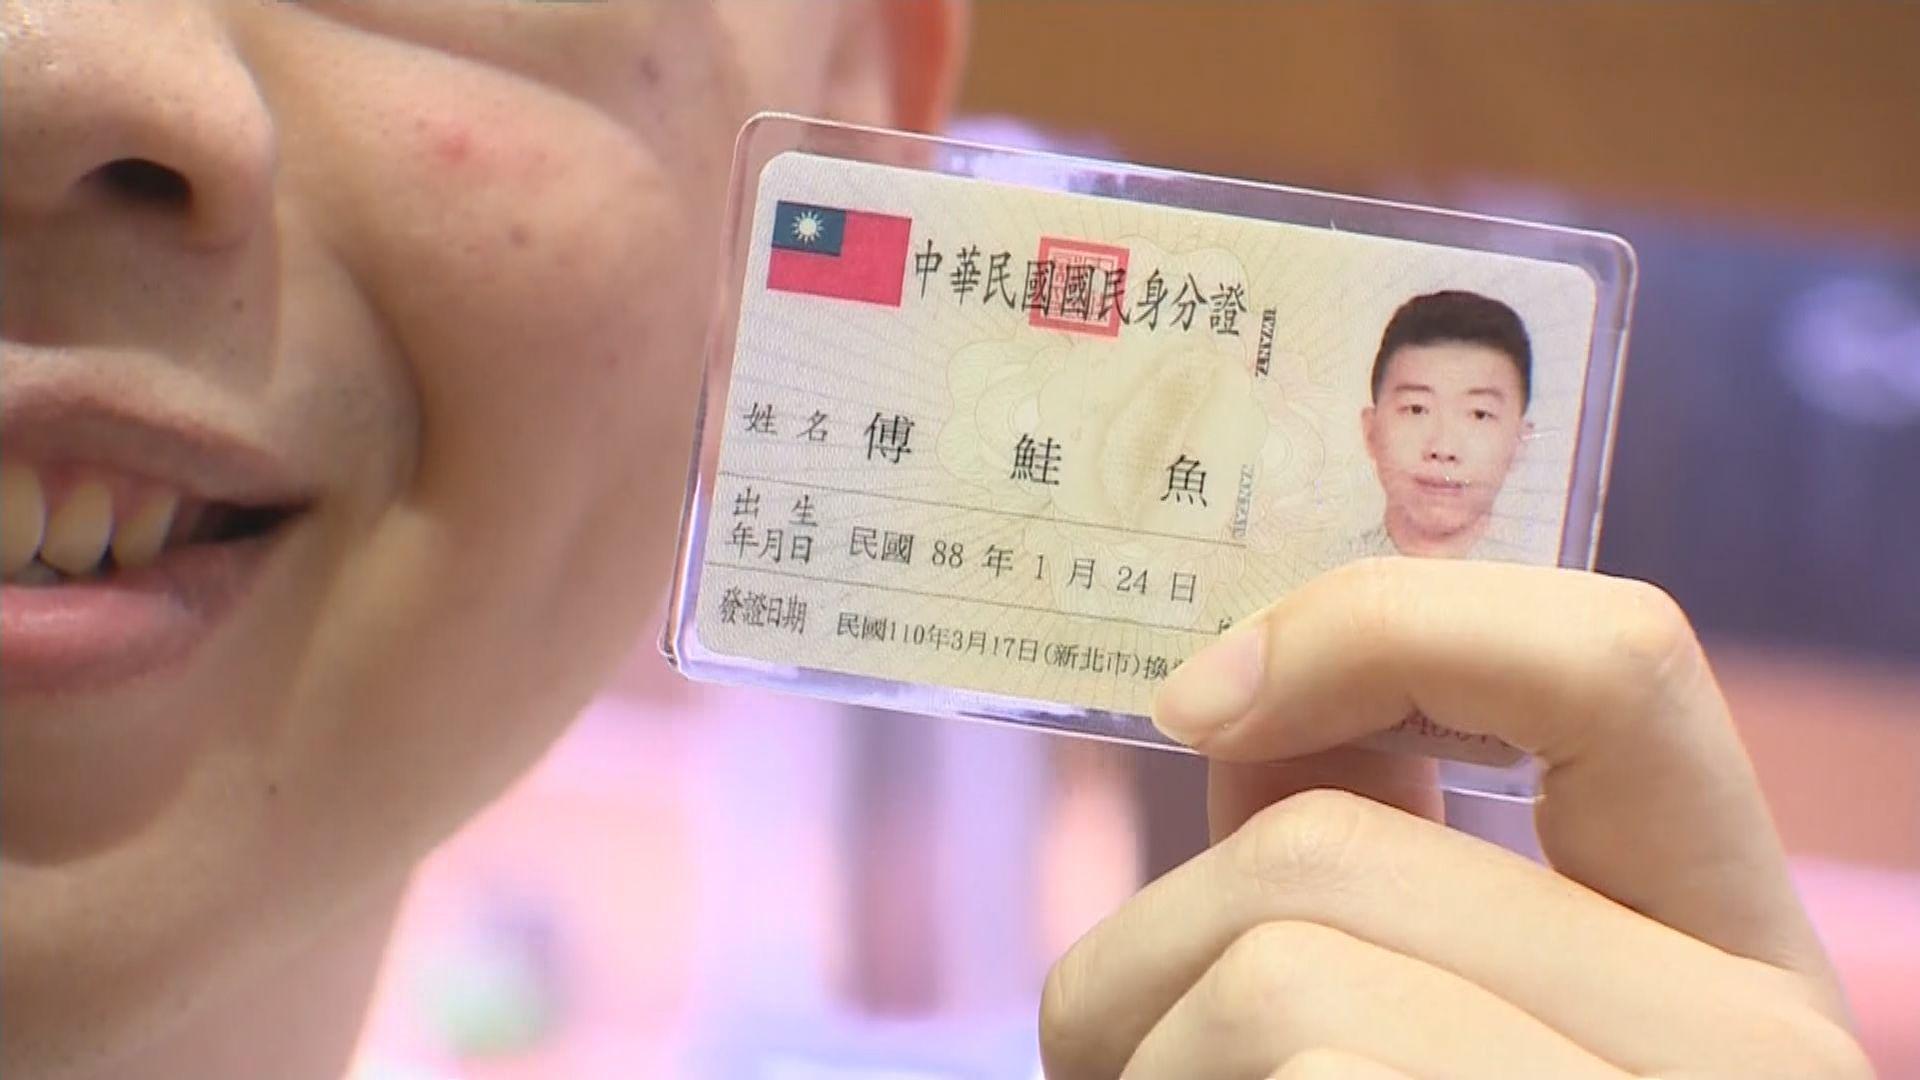 【環球薈報】台灣近百人為免費吃壽司改名「鮭魚」